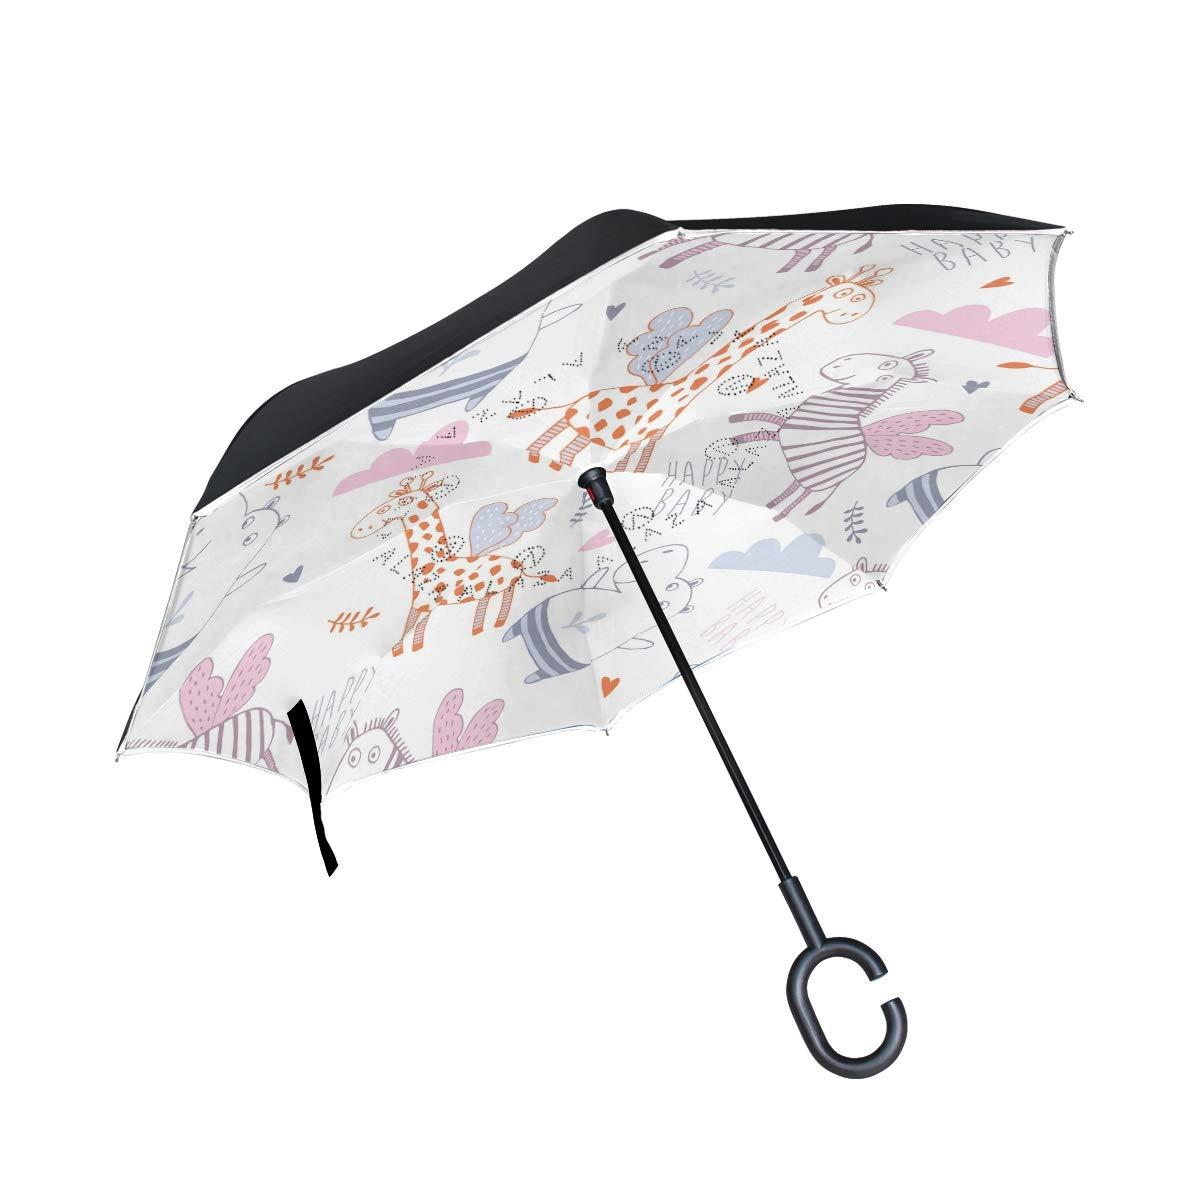 OKONE Envers inversé Ouverture Automatique Parapluie Compact léger Droites parapluies avec Dessin animé Girafe Zebra Hippo pour Auto et à l'extérieur